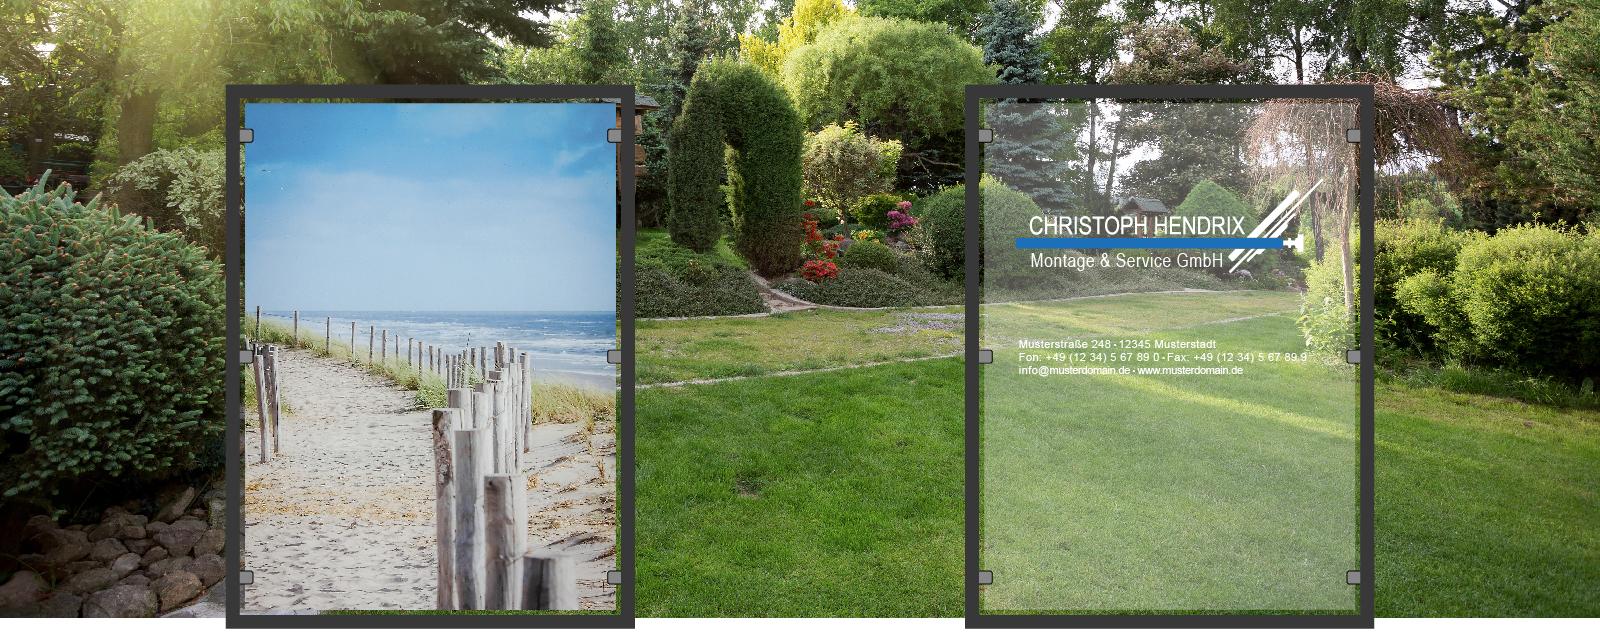 Zaunbilder De Designe Deinen Eigenen Zaun